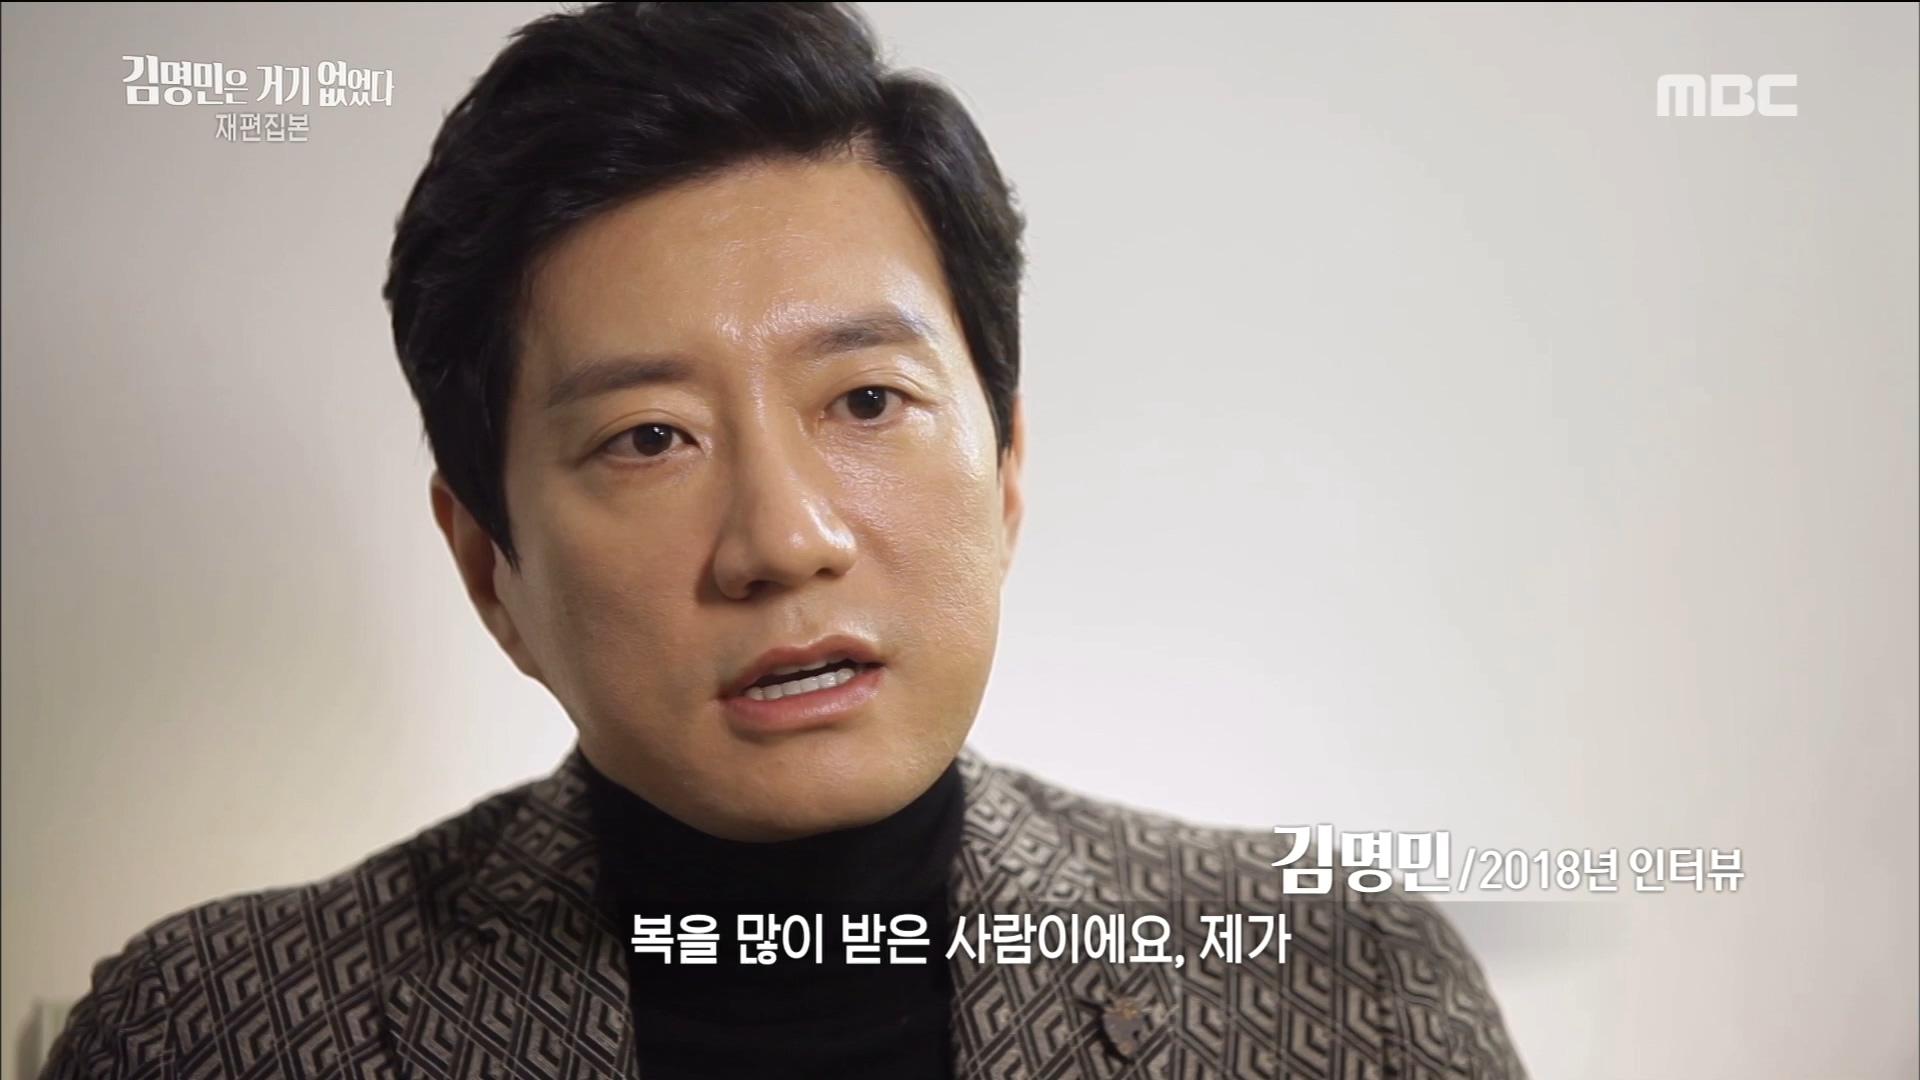 김명민이 기억하는 장준혁은?